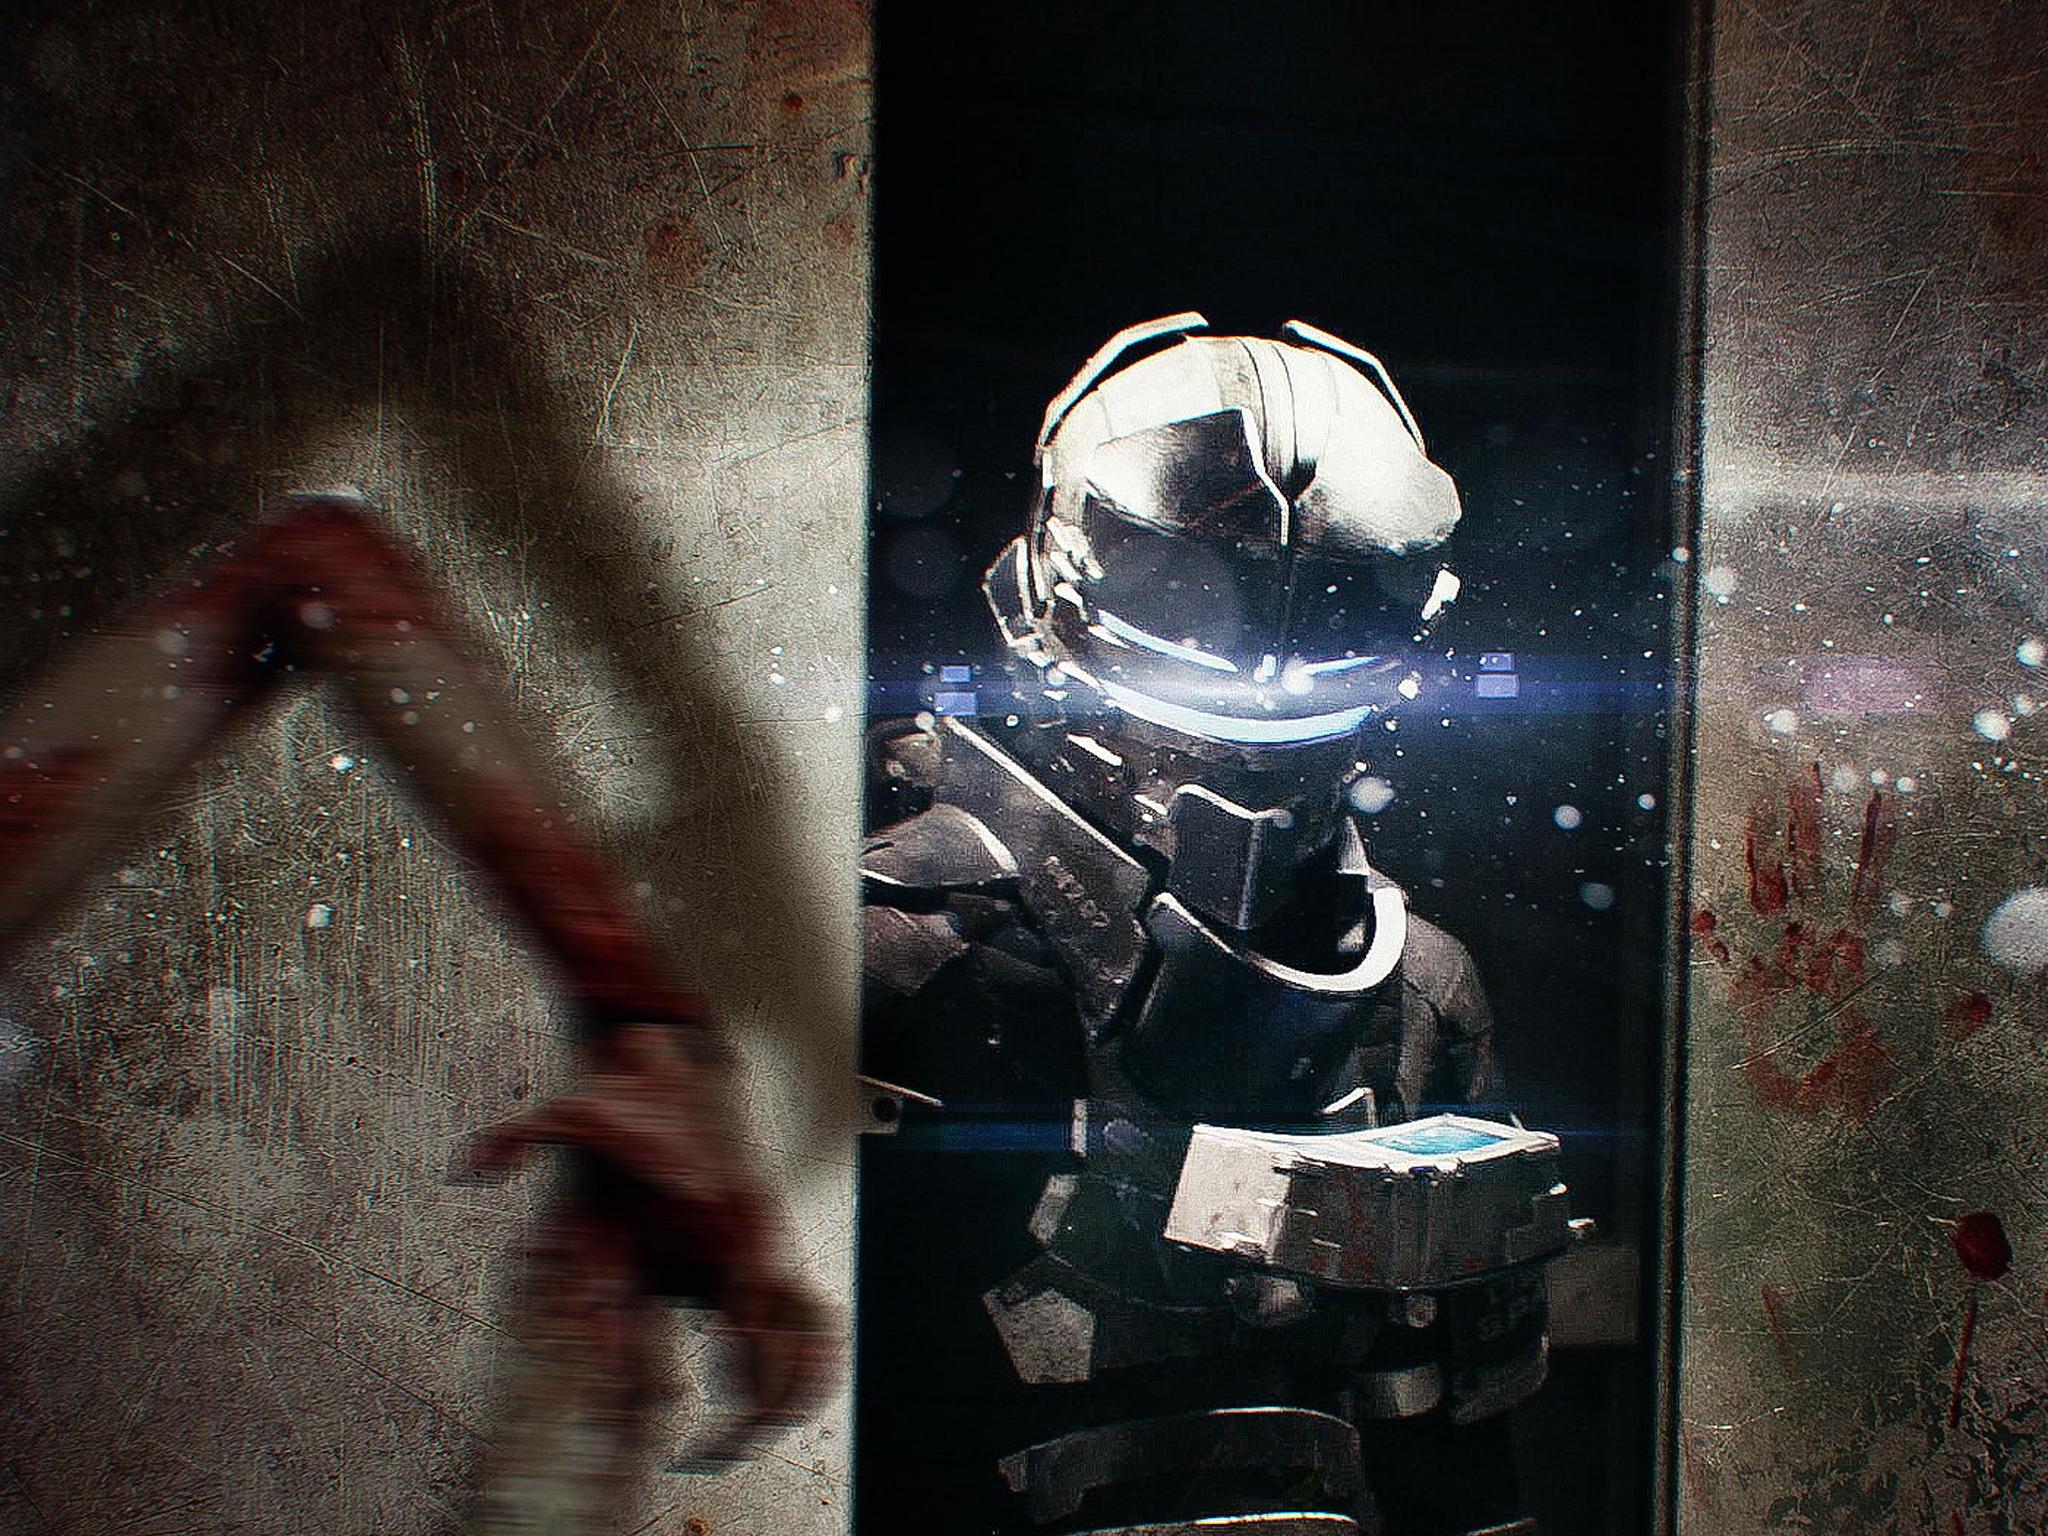 Dead Space 3 wallpaper iPad retina wallpaper 2048x1536